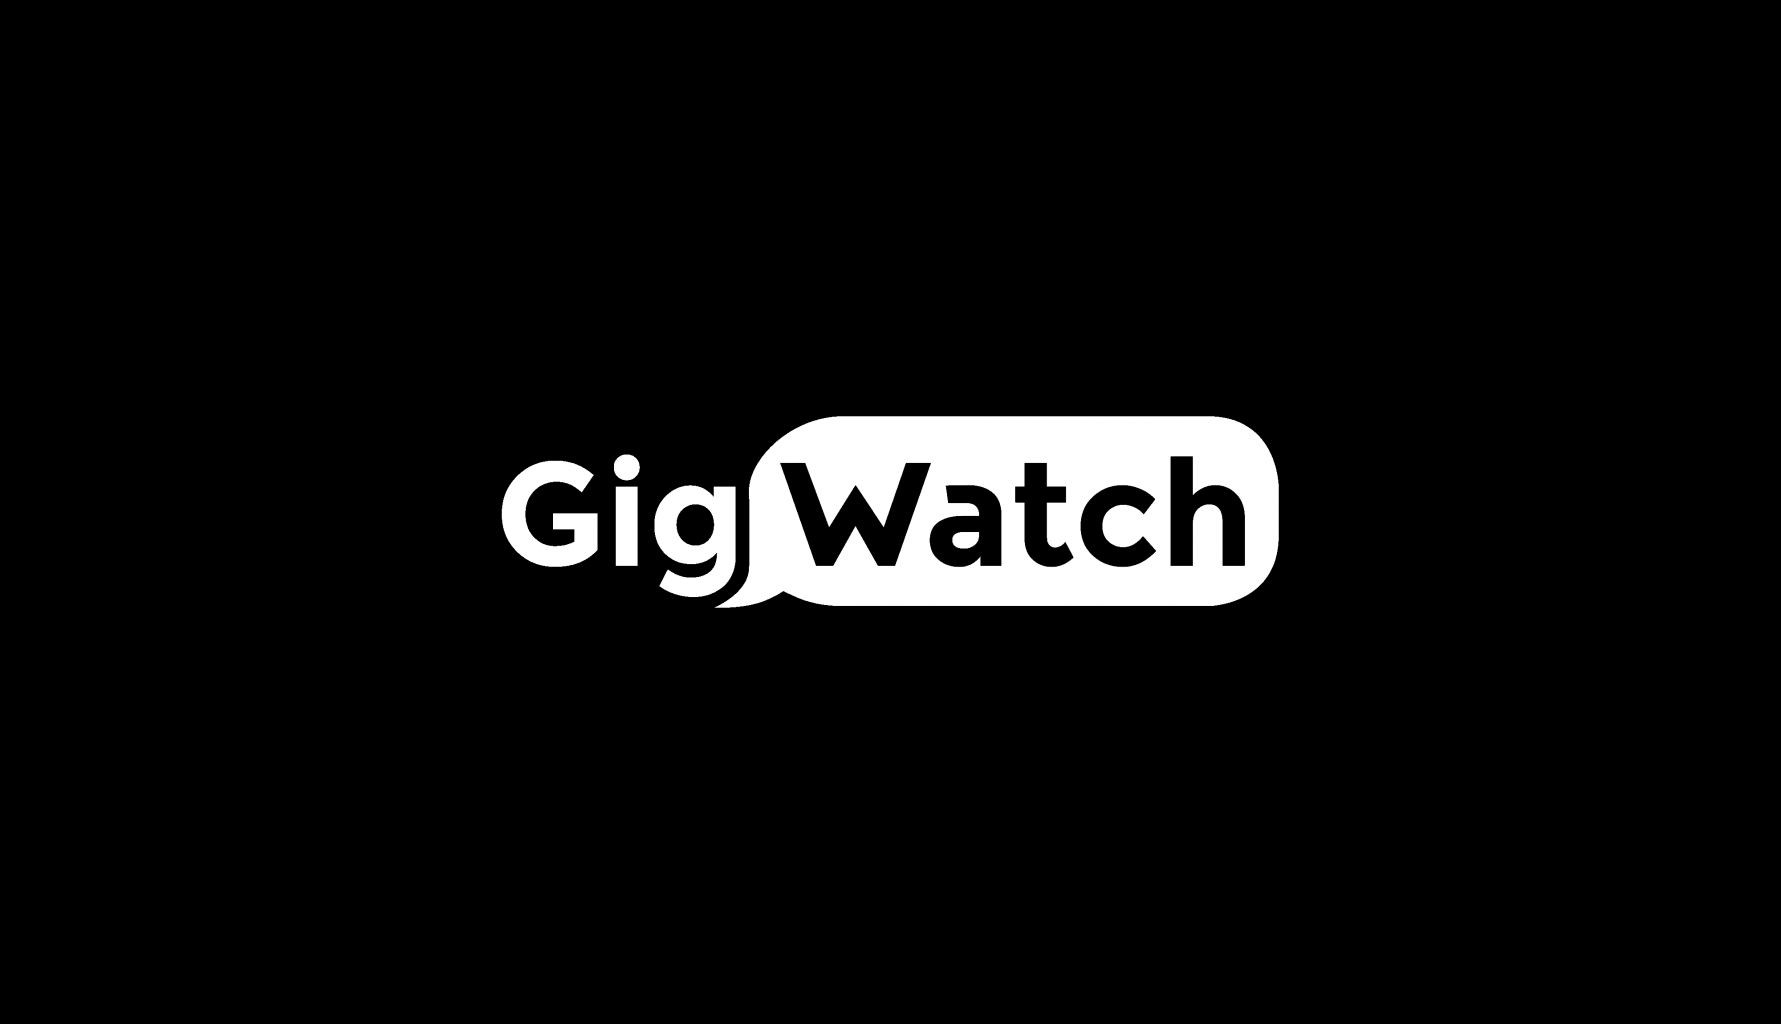 gigwatch